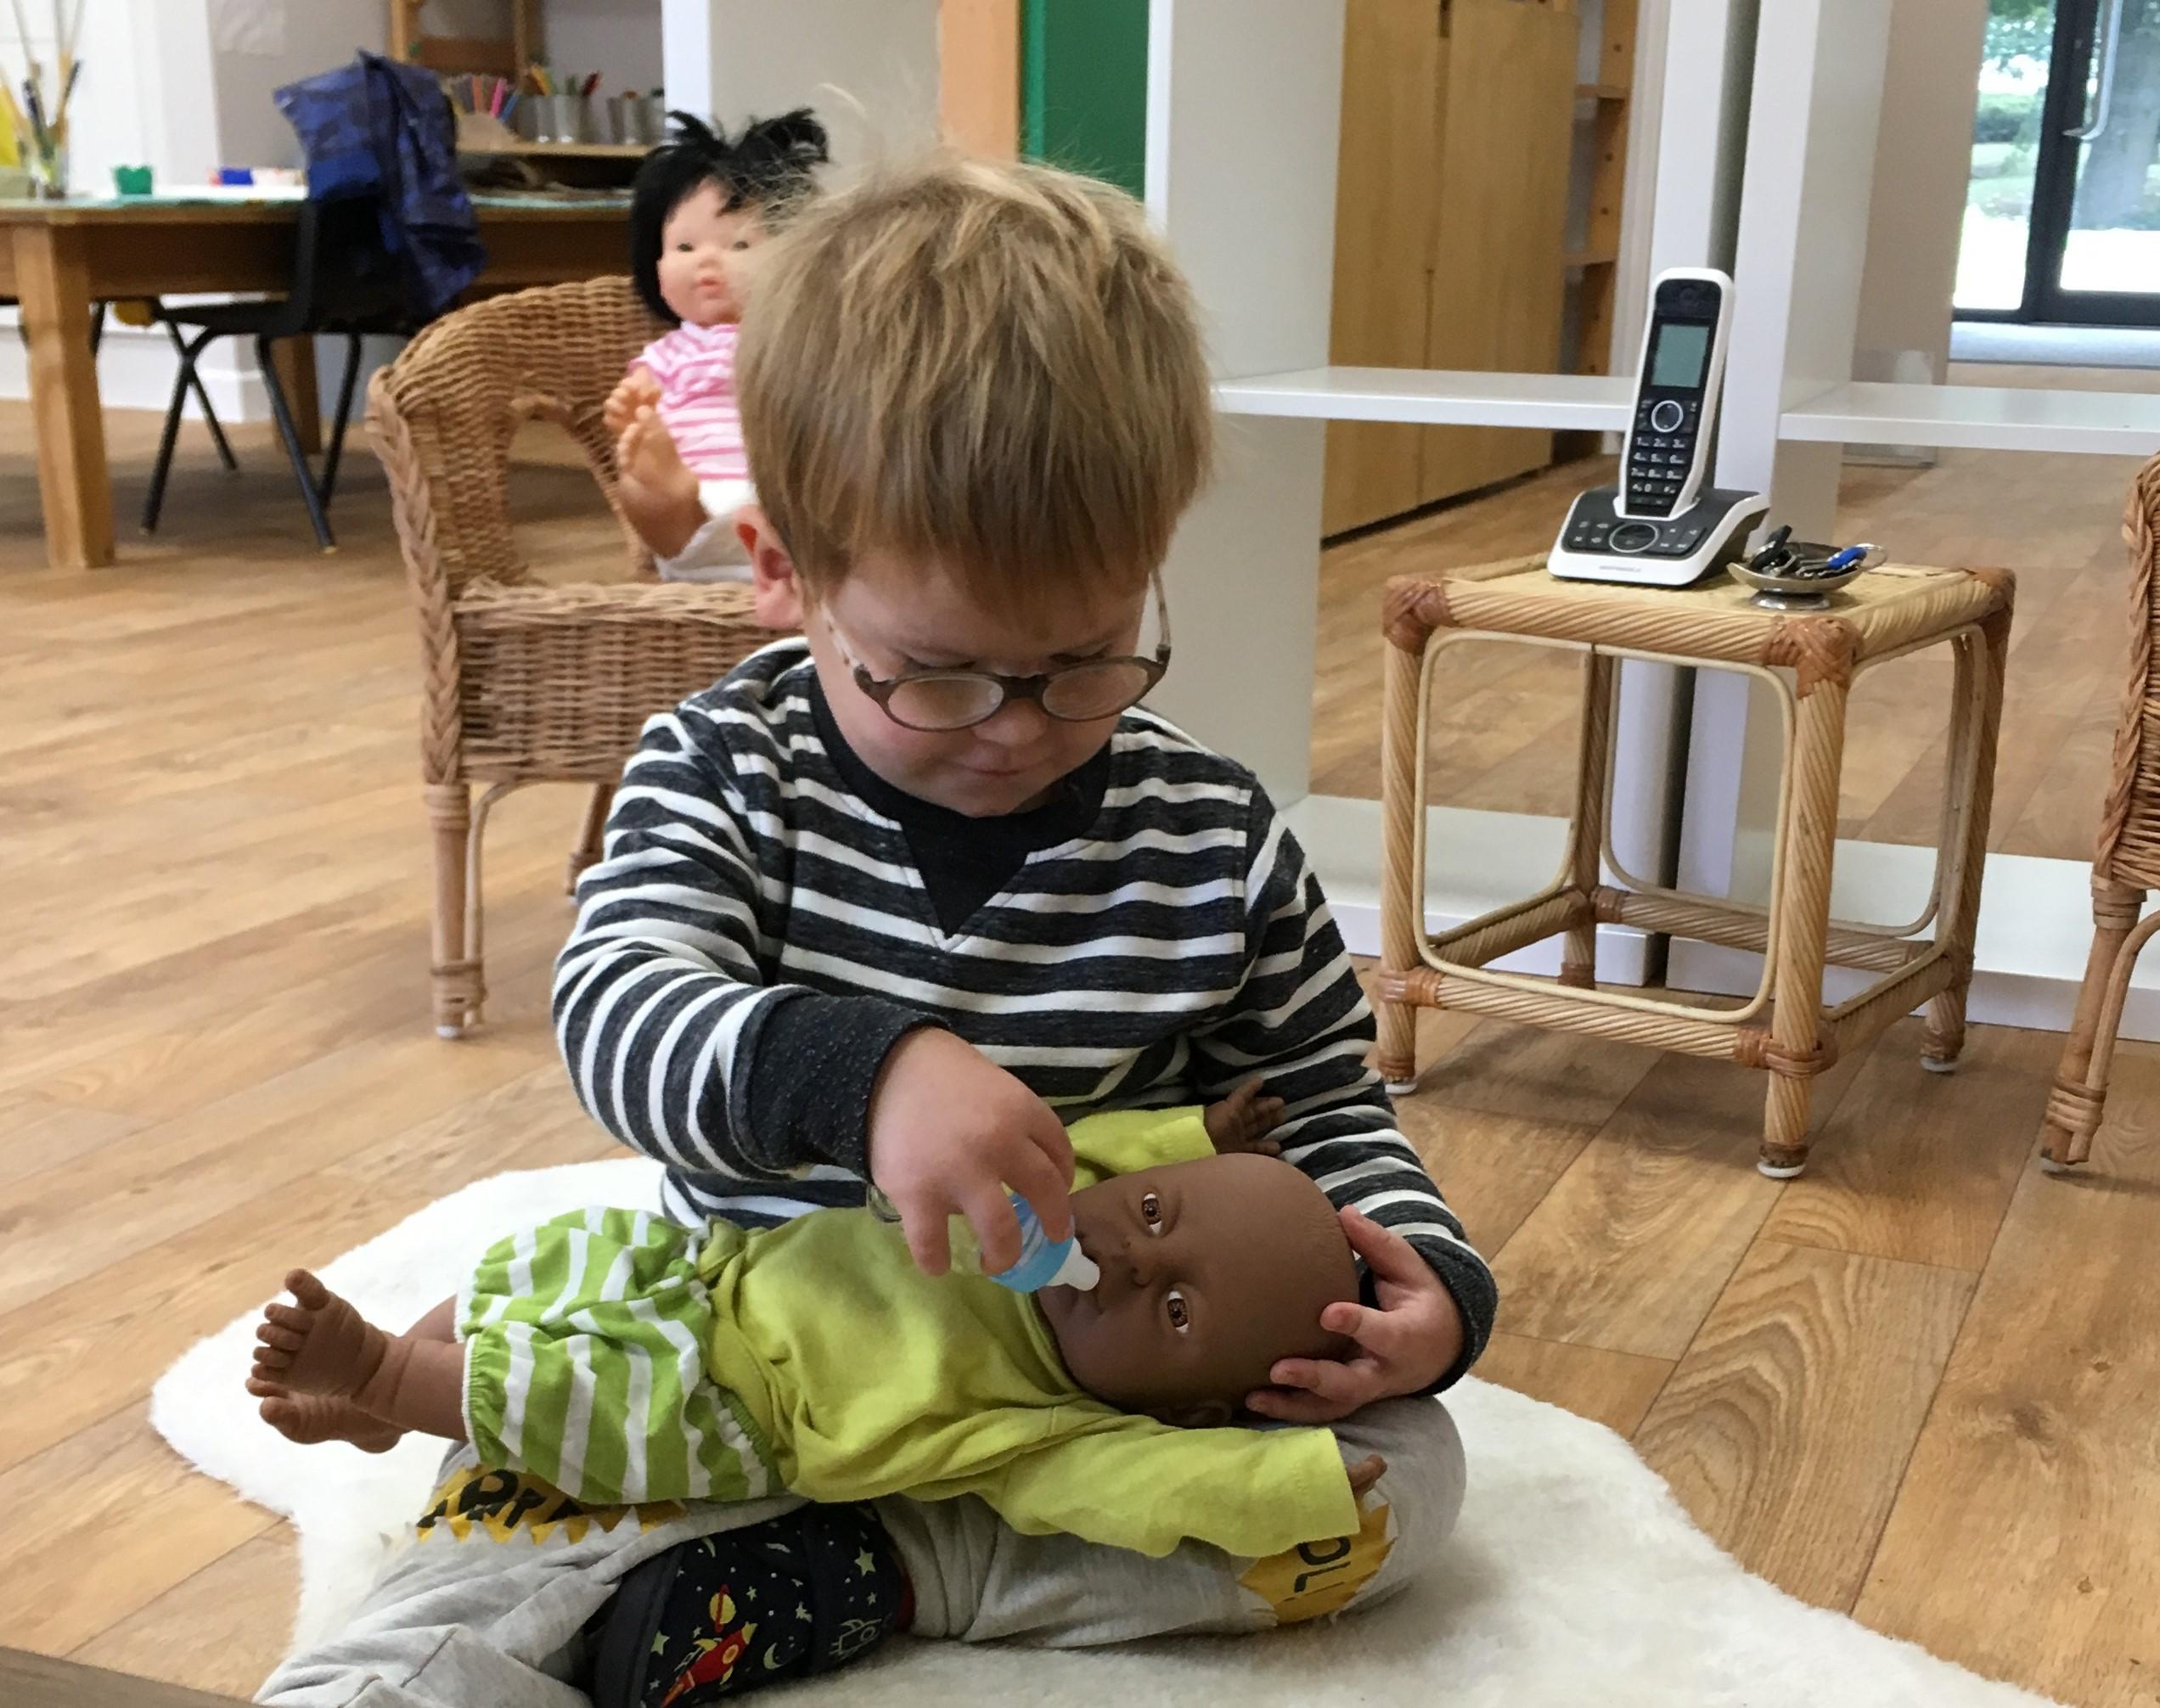 Little Peeple Nursery - feeding baby doll